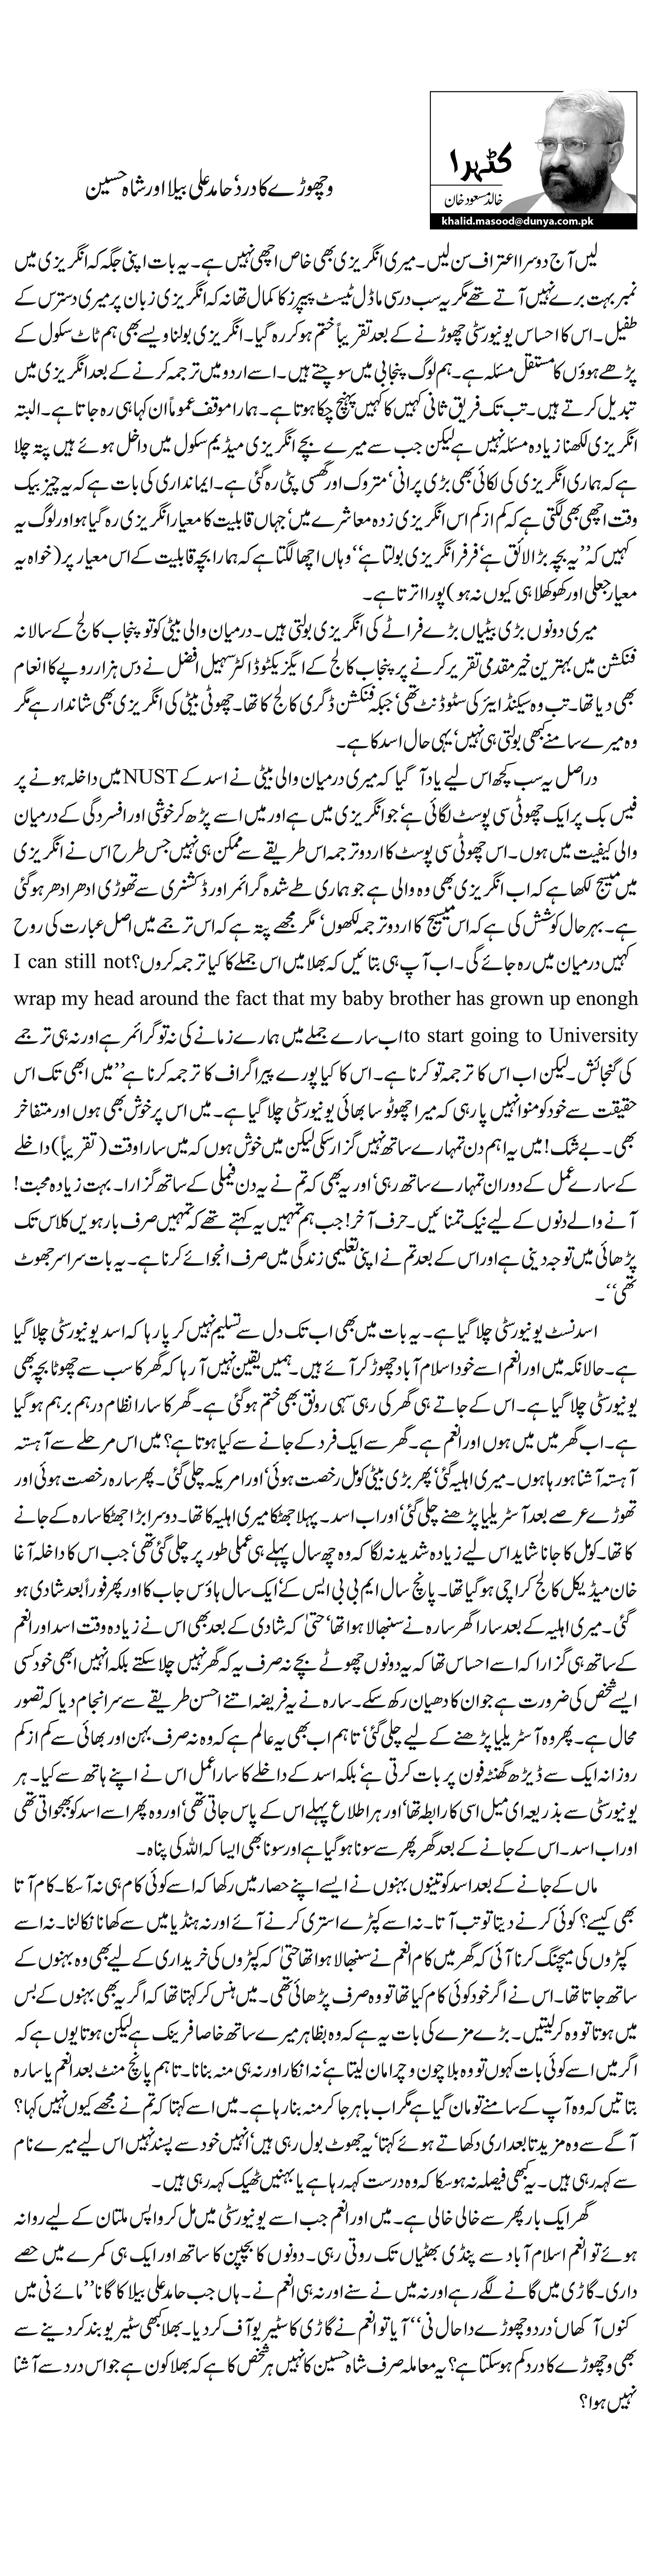 وچھوڑے کا درد' حامد علی بیلا اور شاہ حسین